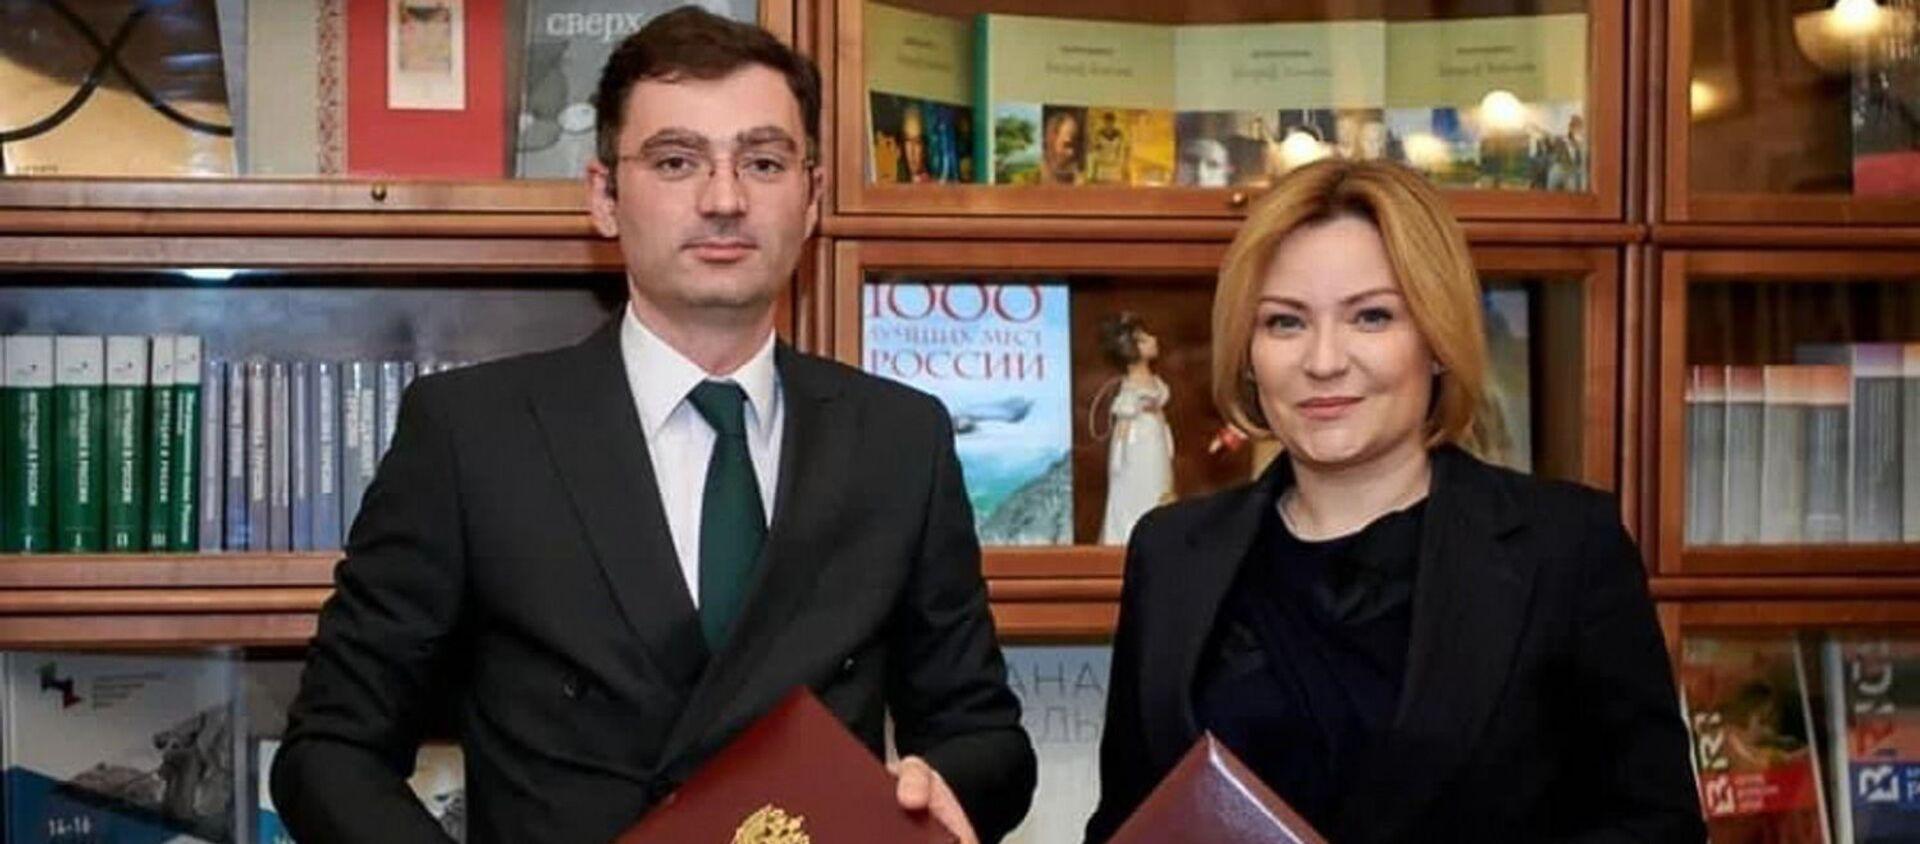 Подписан  План сотрудничества между Россией и Абхазией в области культуры на 2021 год  - Sputnik Аҧсны, 1920, 25.03.2021